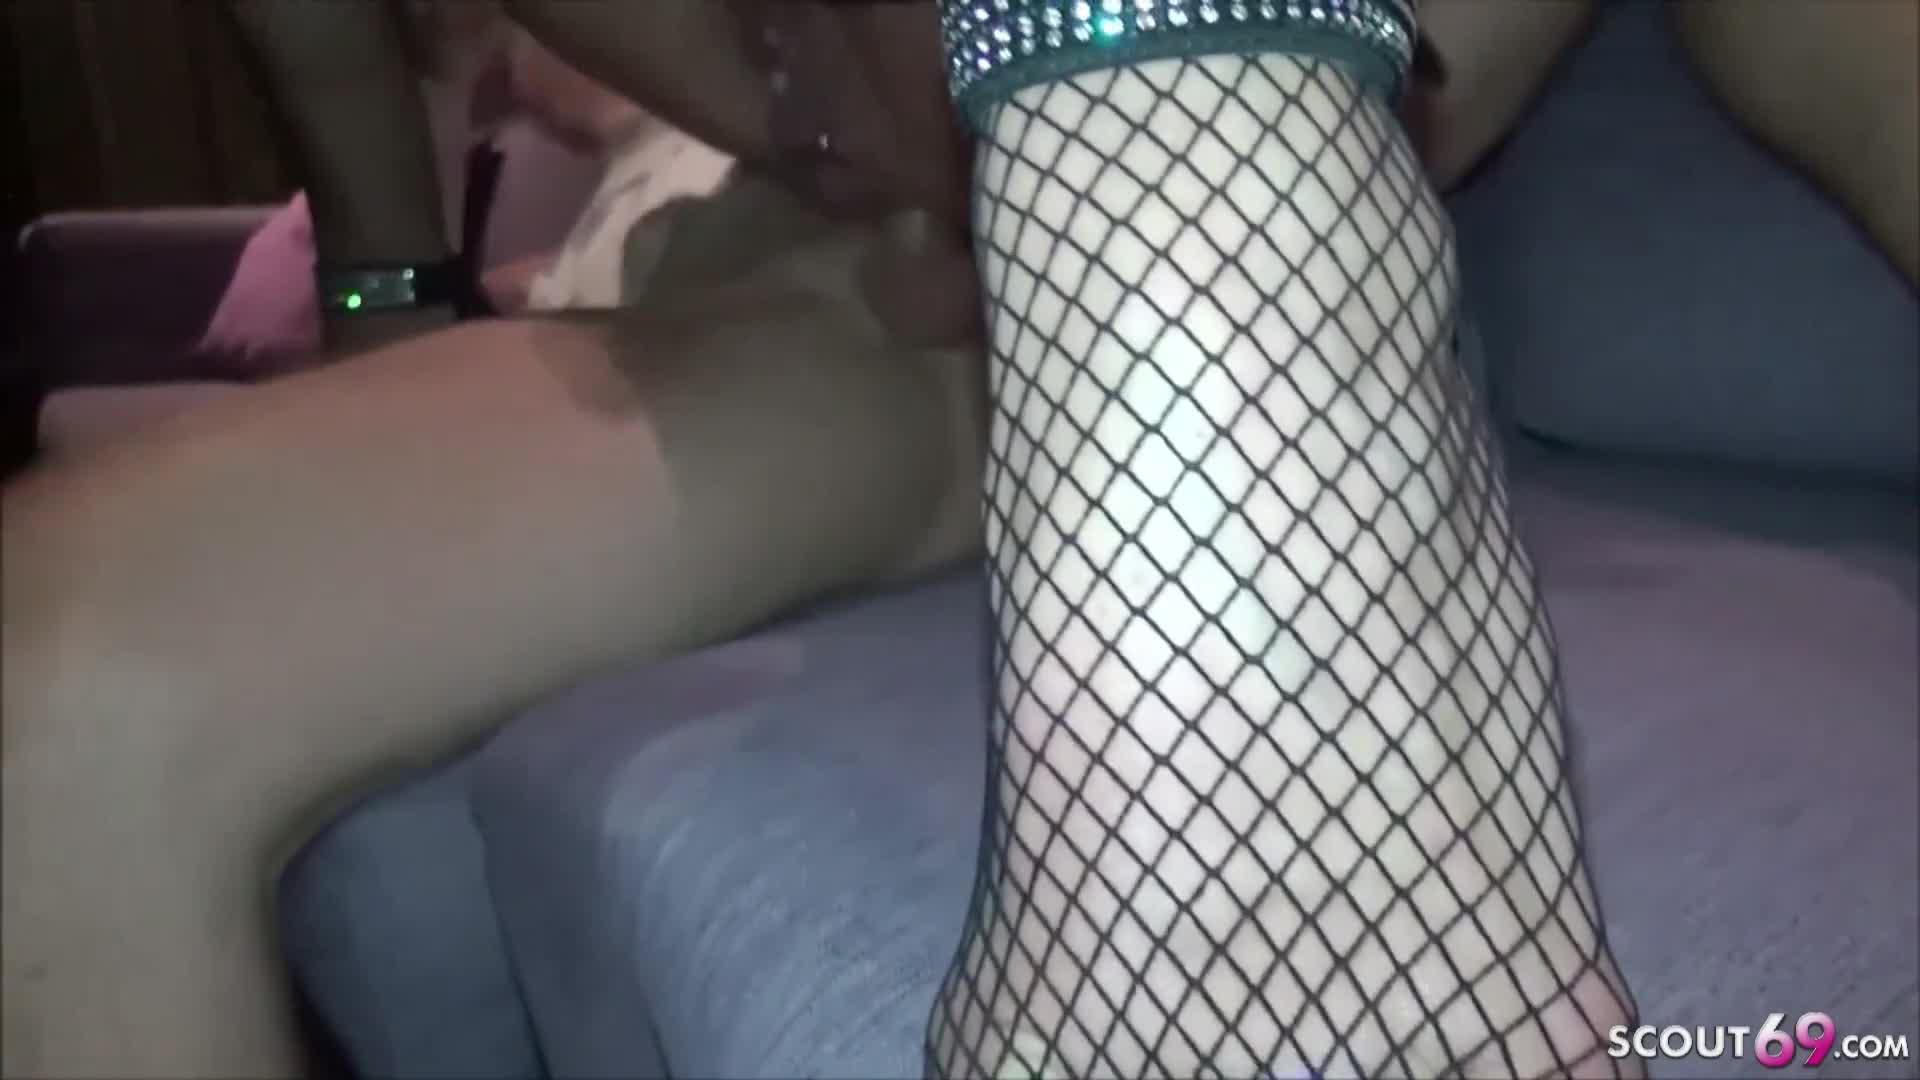 Amateur Teen Taking Huge Dick